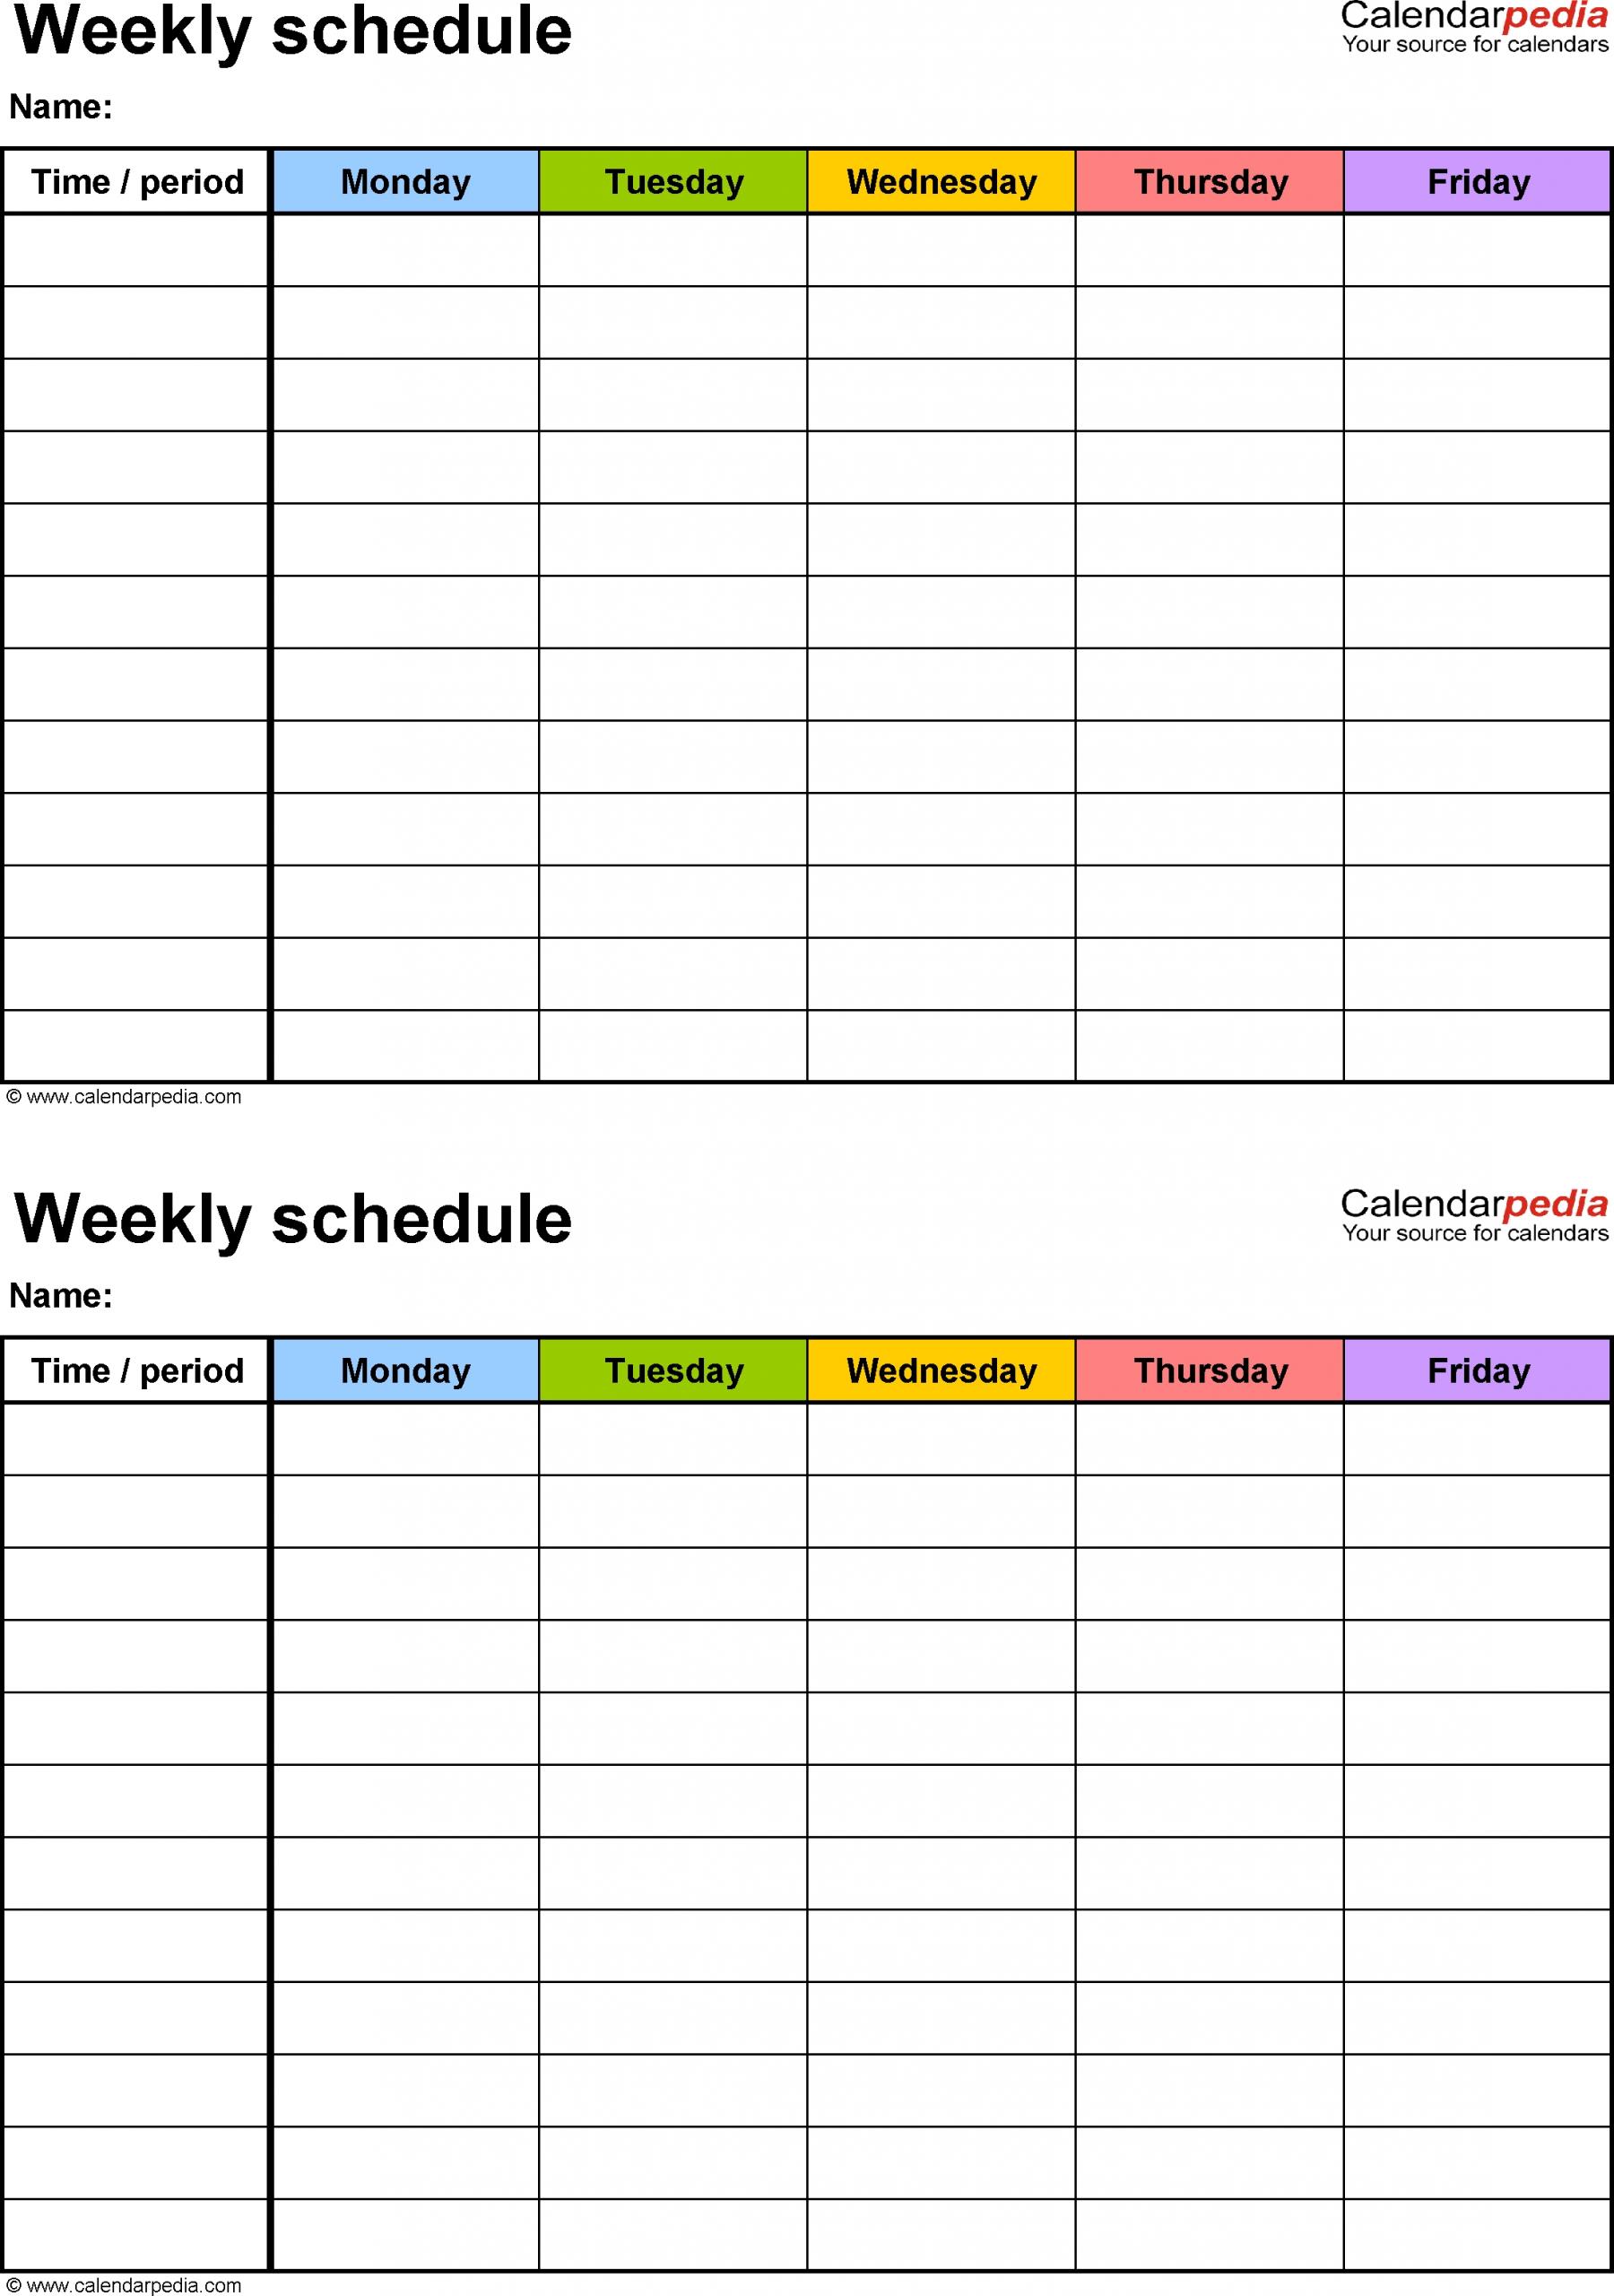 Printable Schedule 1 Week Editable - Calendar Inspiration Printable 1 Week Schedule